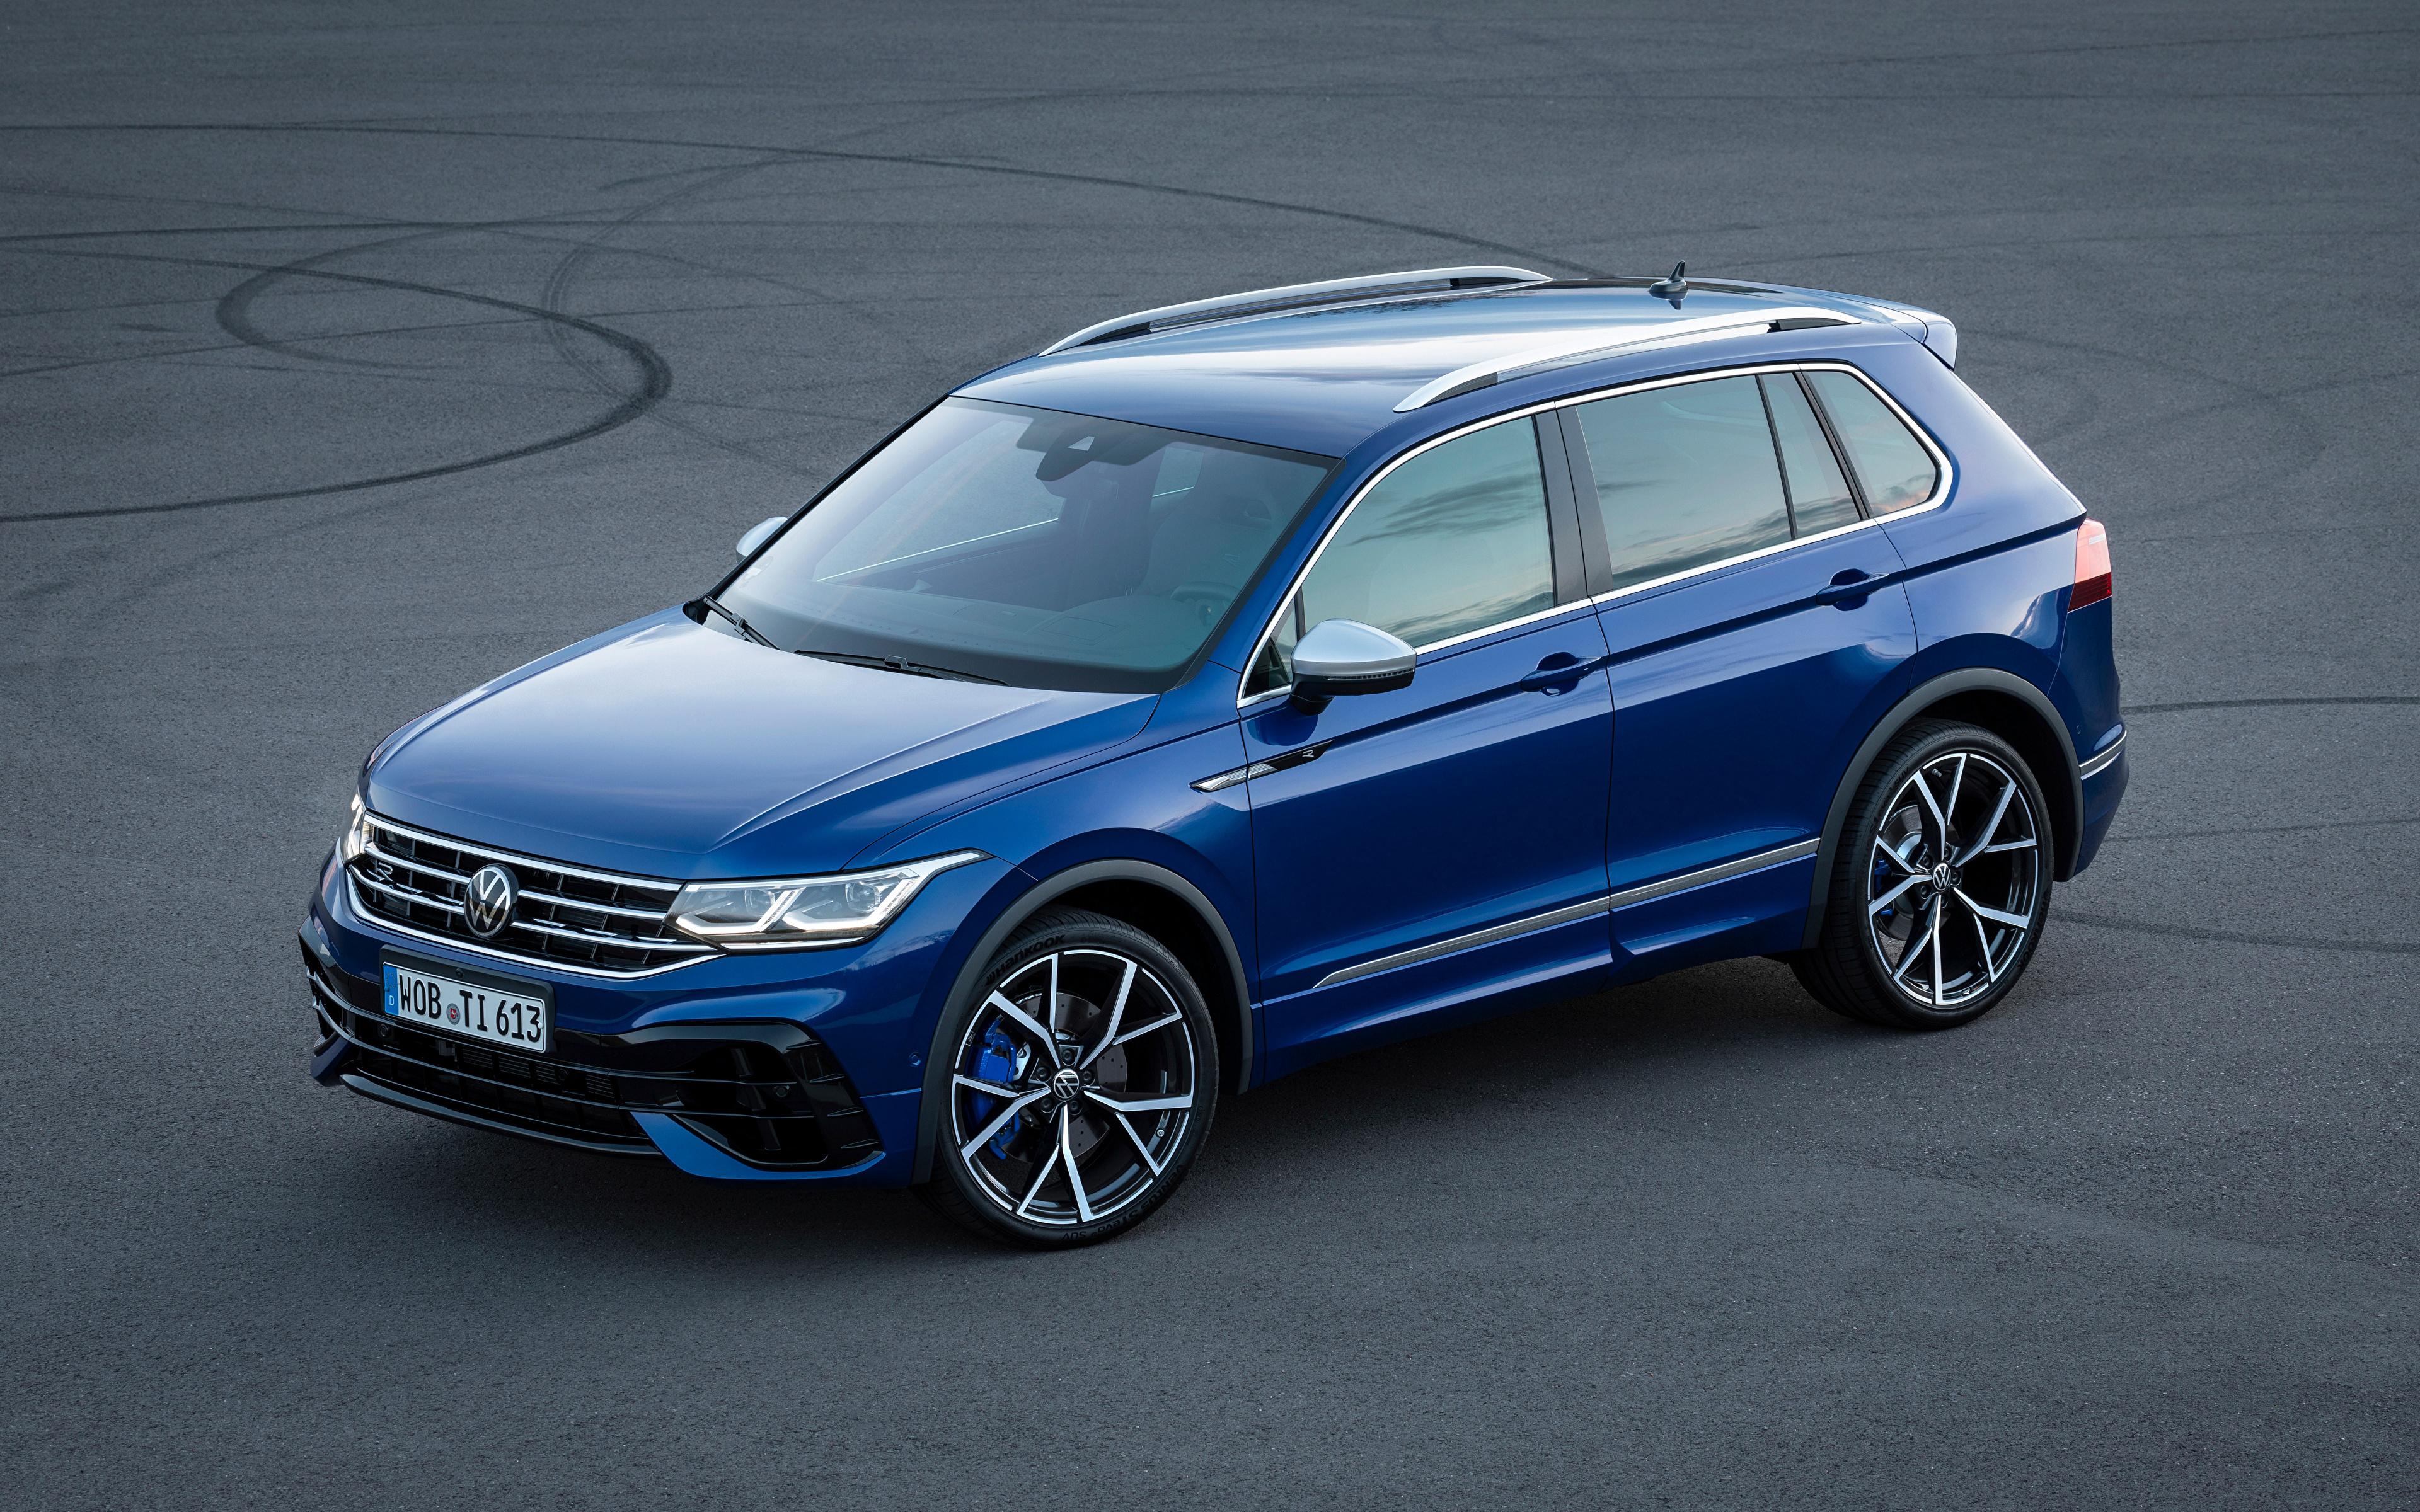 Fotos von Volkswagen Tiguan R, 2020 Blau Autos Metallisch 3840x2400 auto automobil